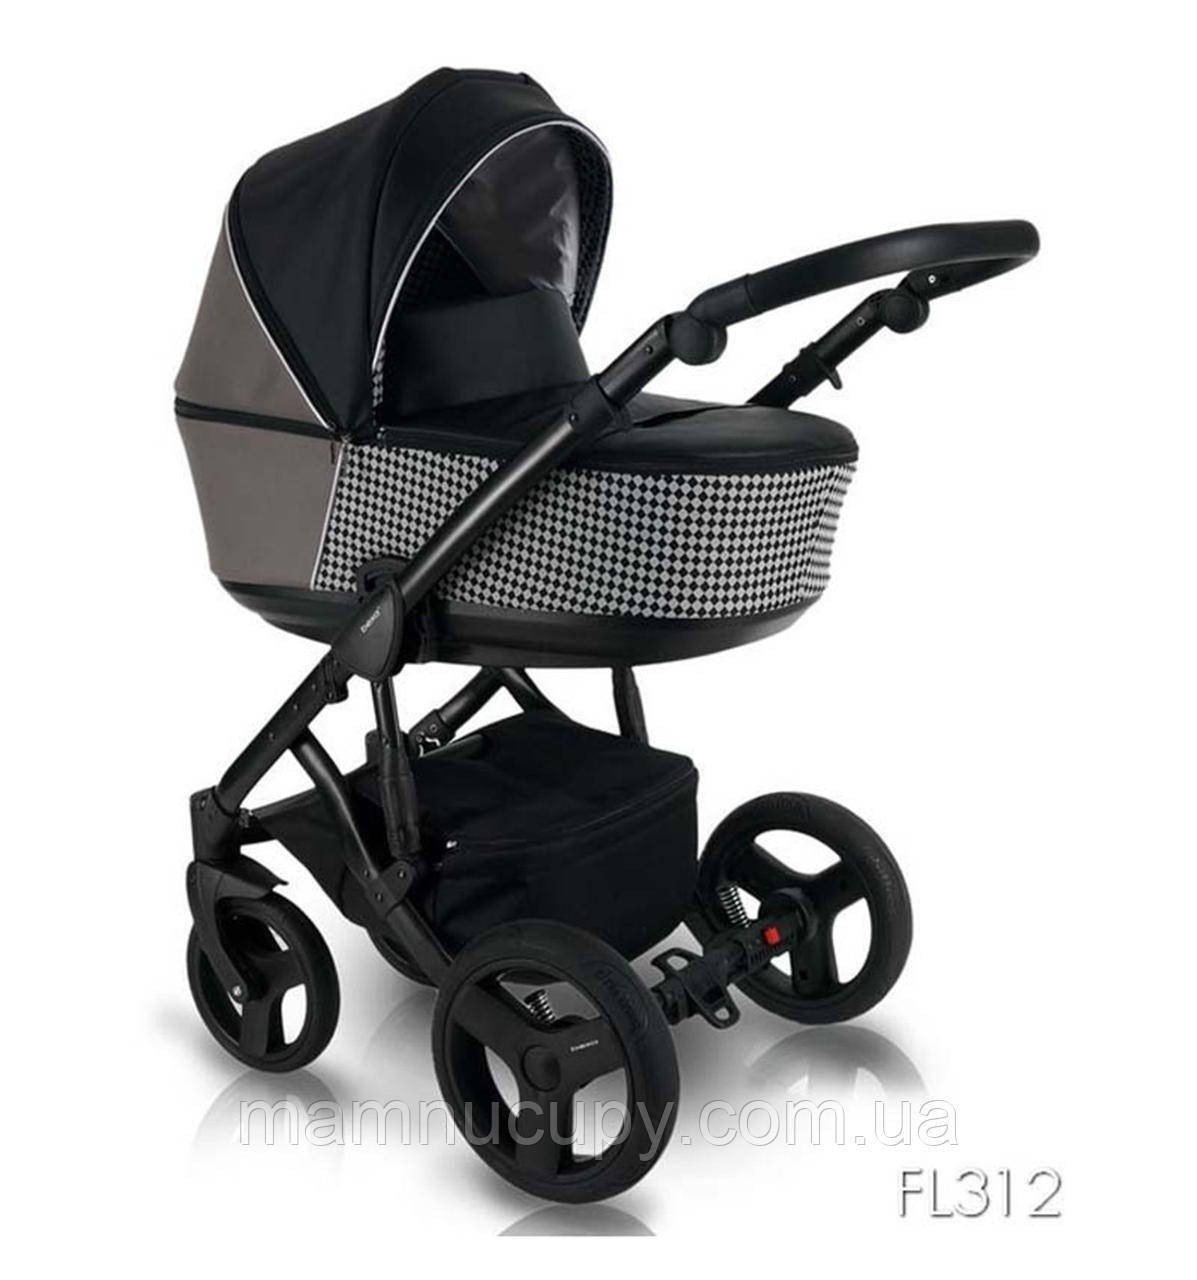 Универсальная детская коляска  2 в 1 Bexa Fresh Eco FL 312  (бекса фреш эко)